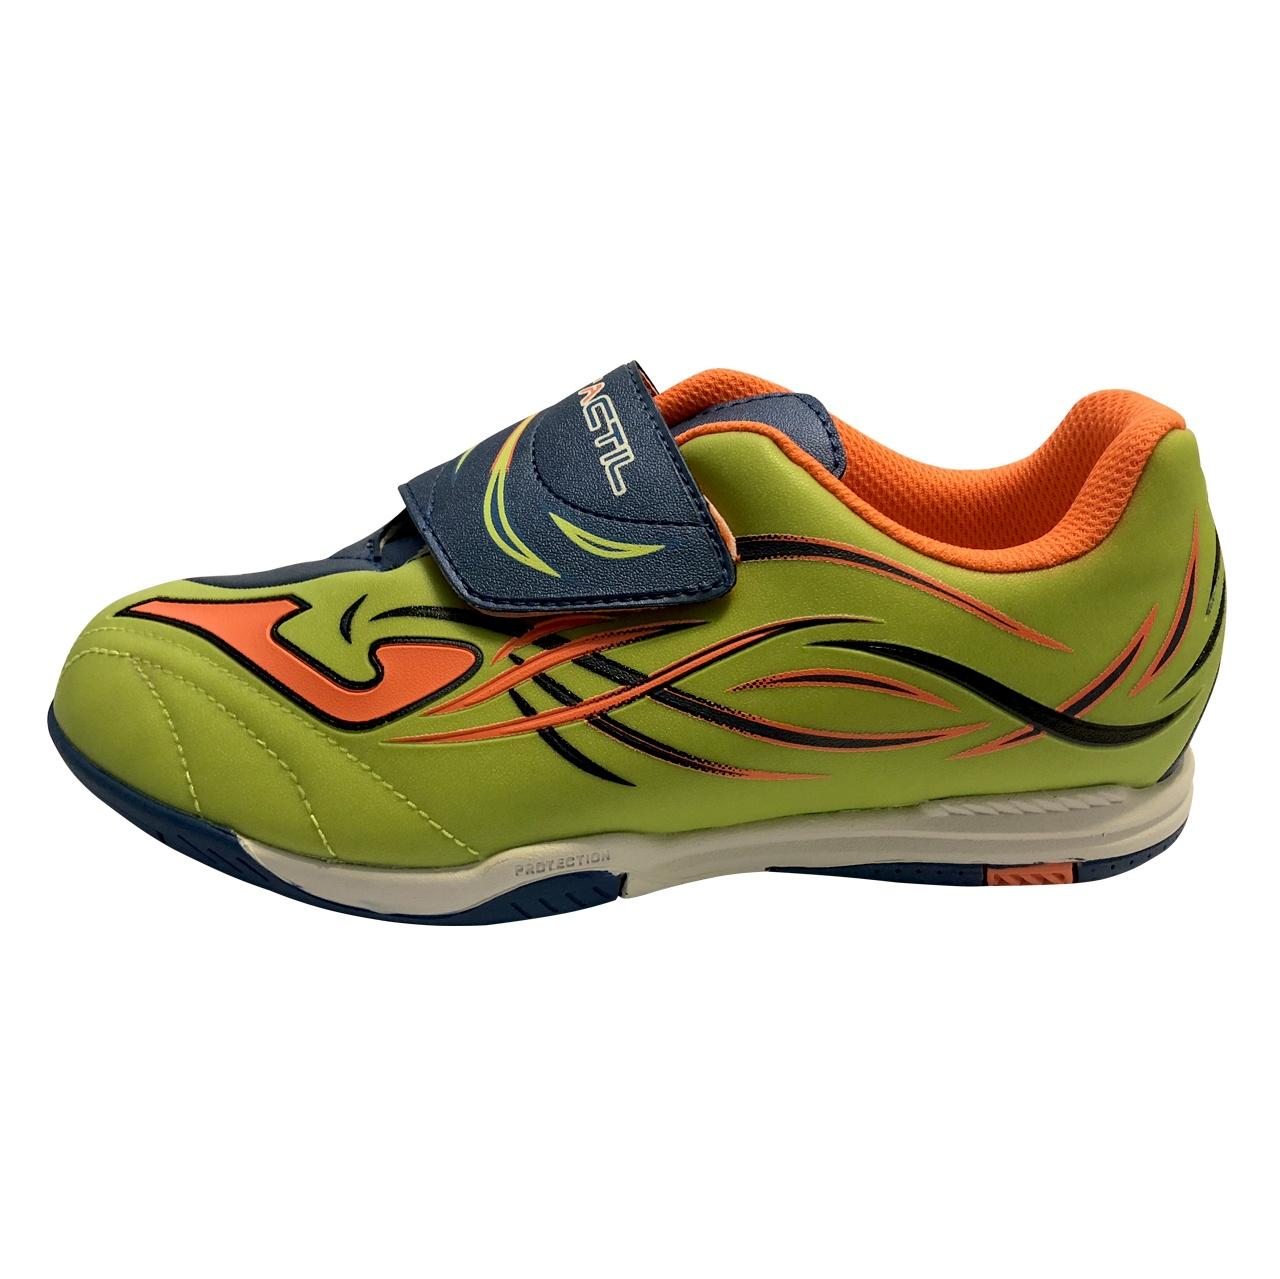 کفش فوتسال پسرانه جوما مدل TACTIL 611